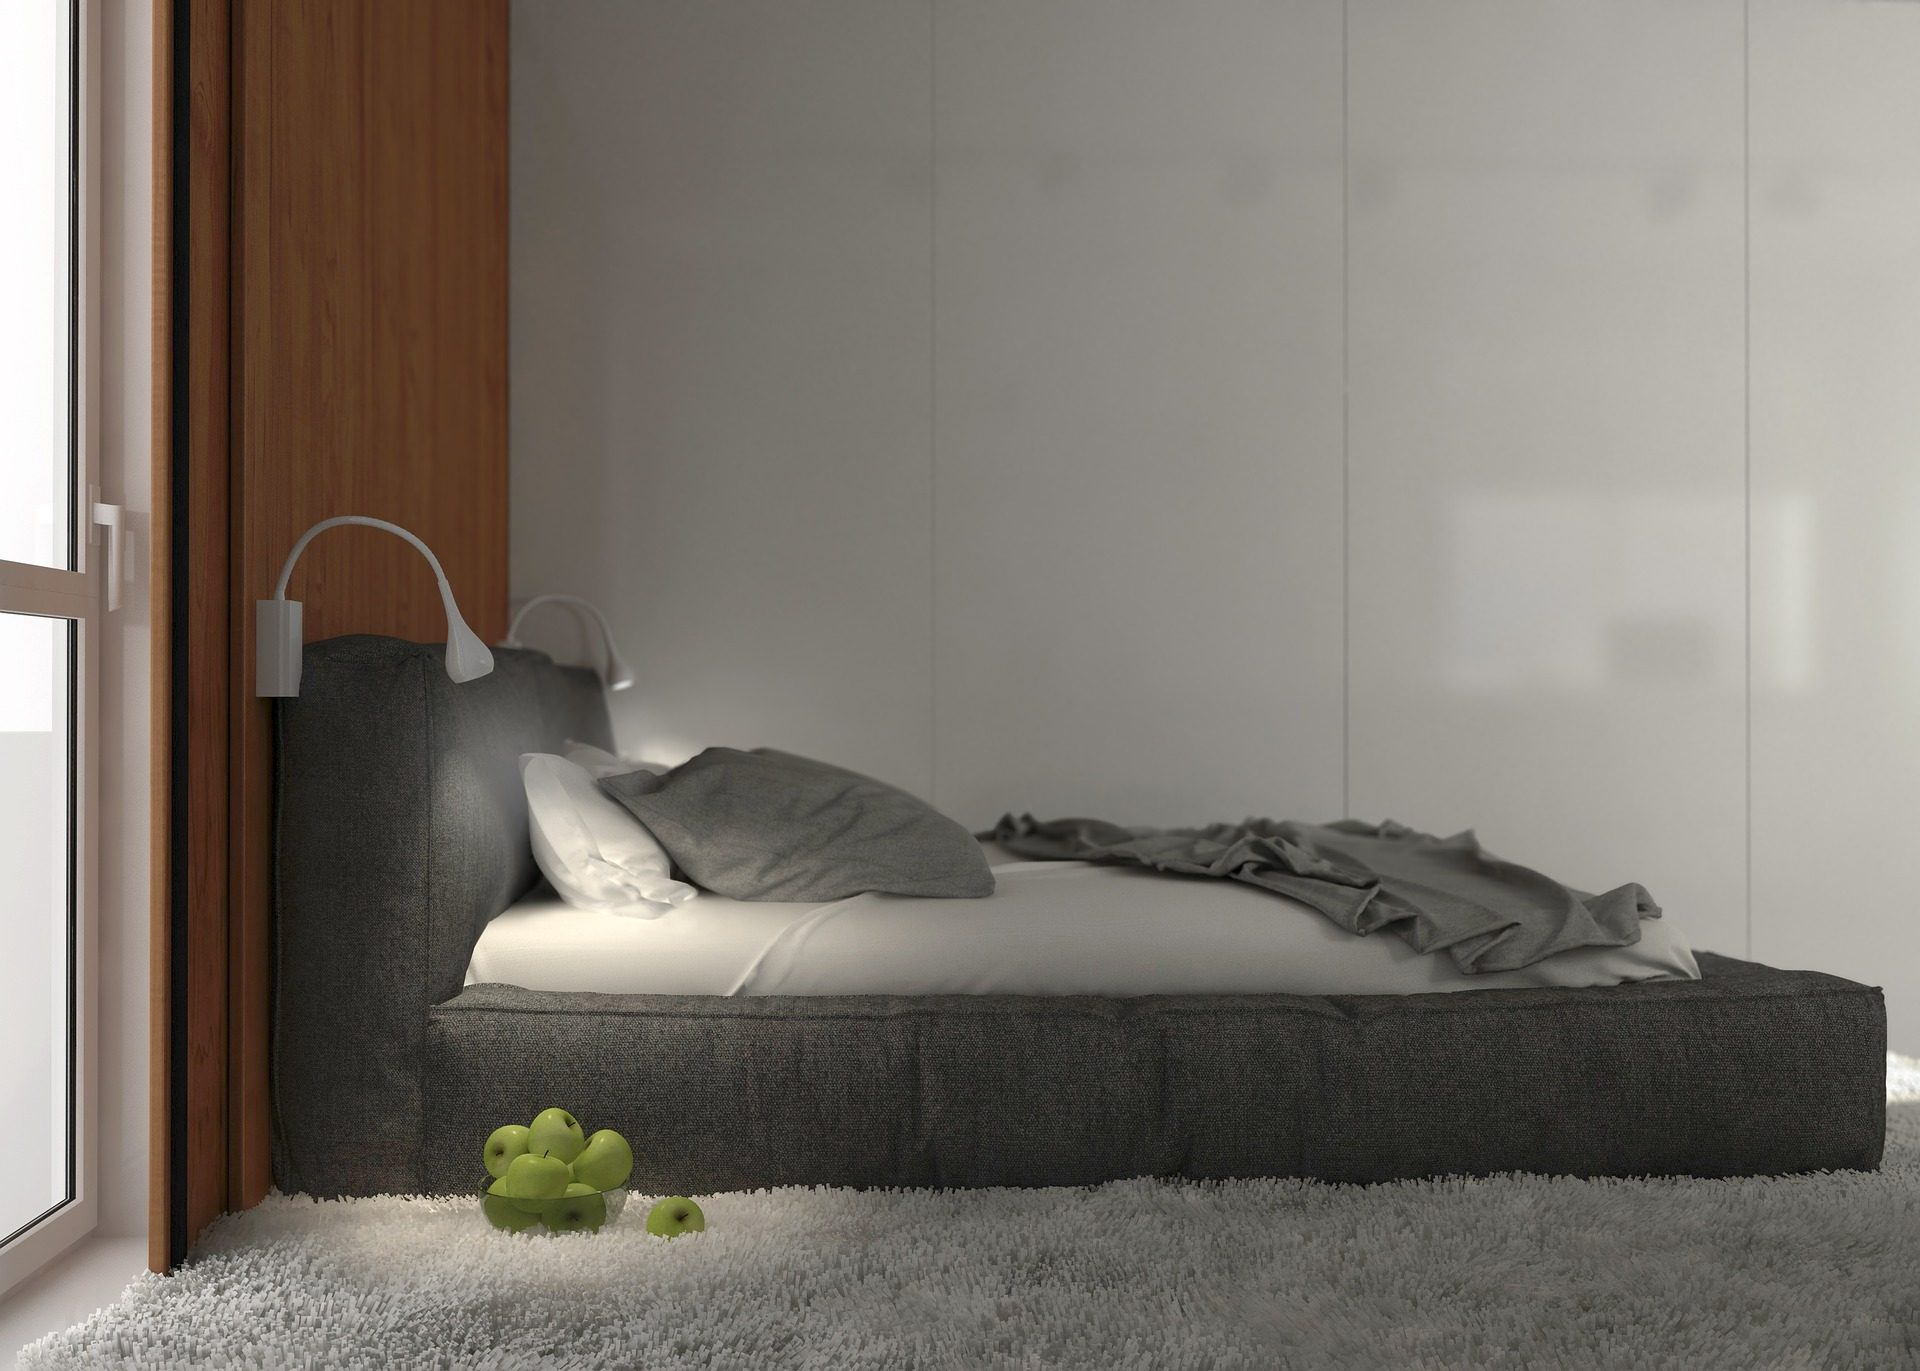 Δωμάτιο, υπνοδωμάτιο, κρεβάτι, υπόλοιπο, χαλί, Τα μήλα - Wallpapers HD - Professor-falken.com